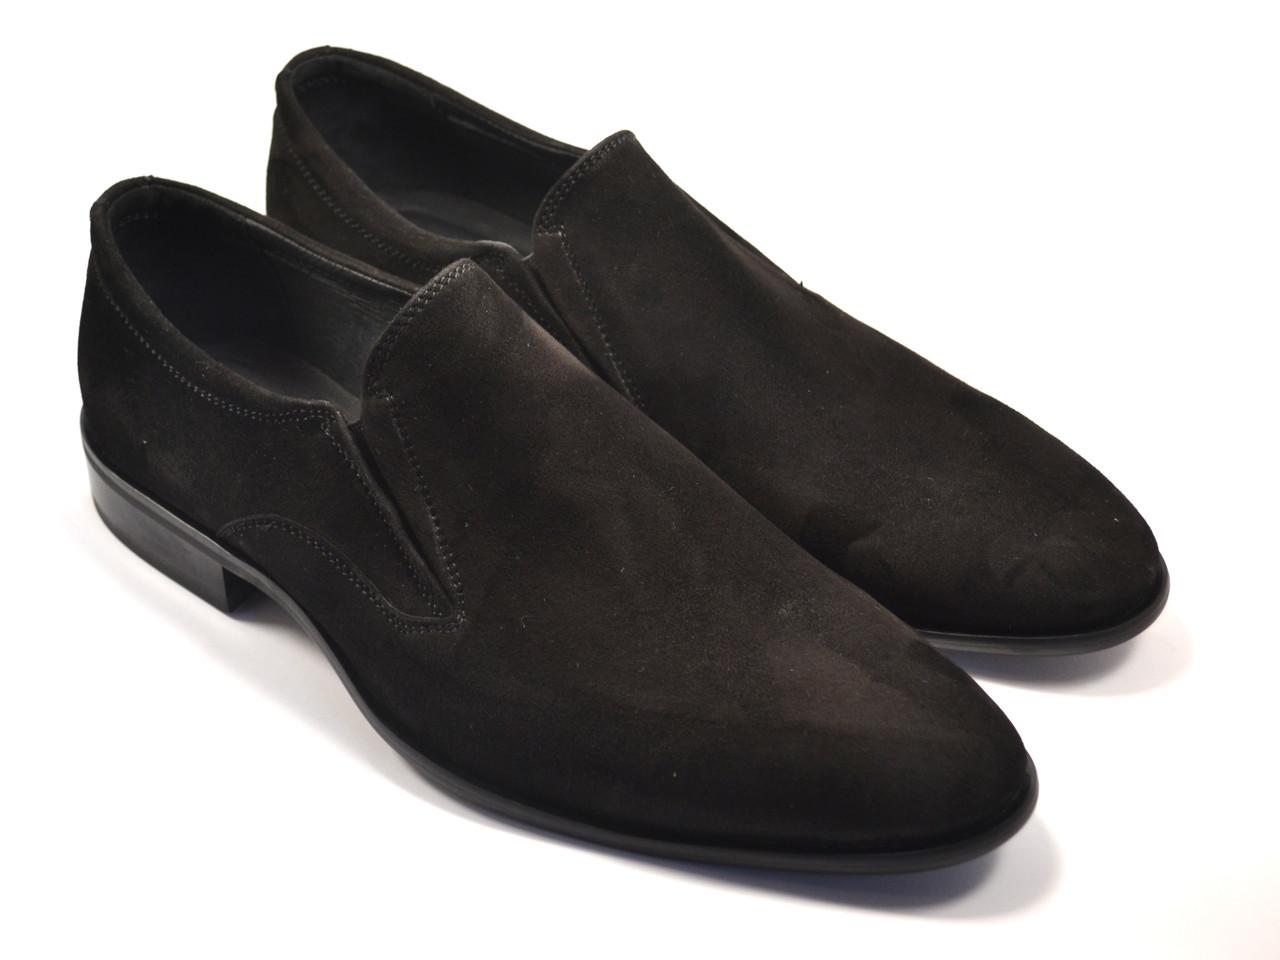 Туфли больших размеров лоферы мужские замшевые черные без шнурков на каблуке Rosso Avangard BS Mono Vel Black